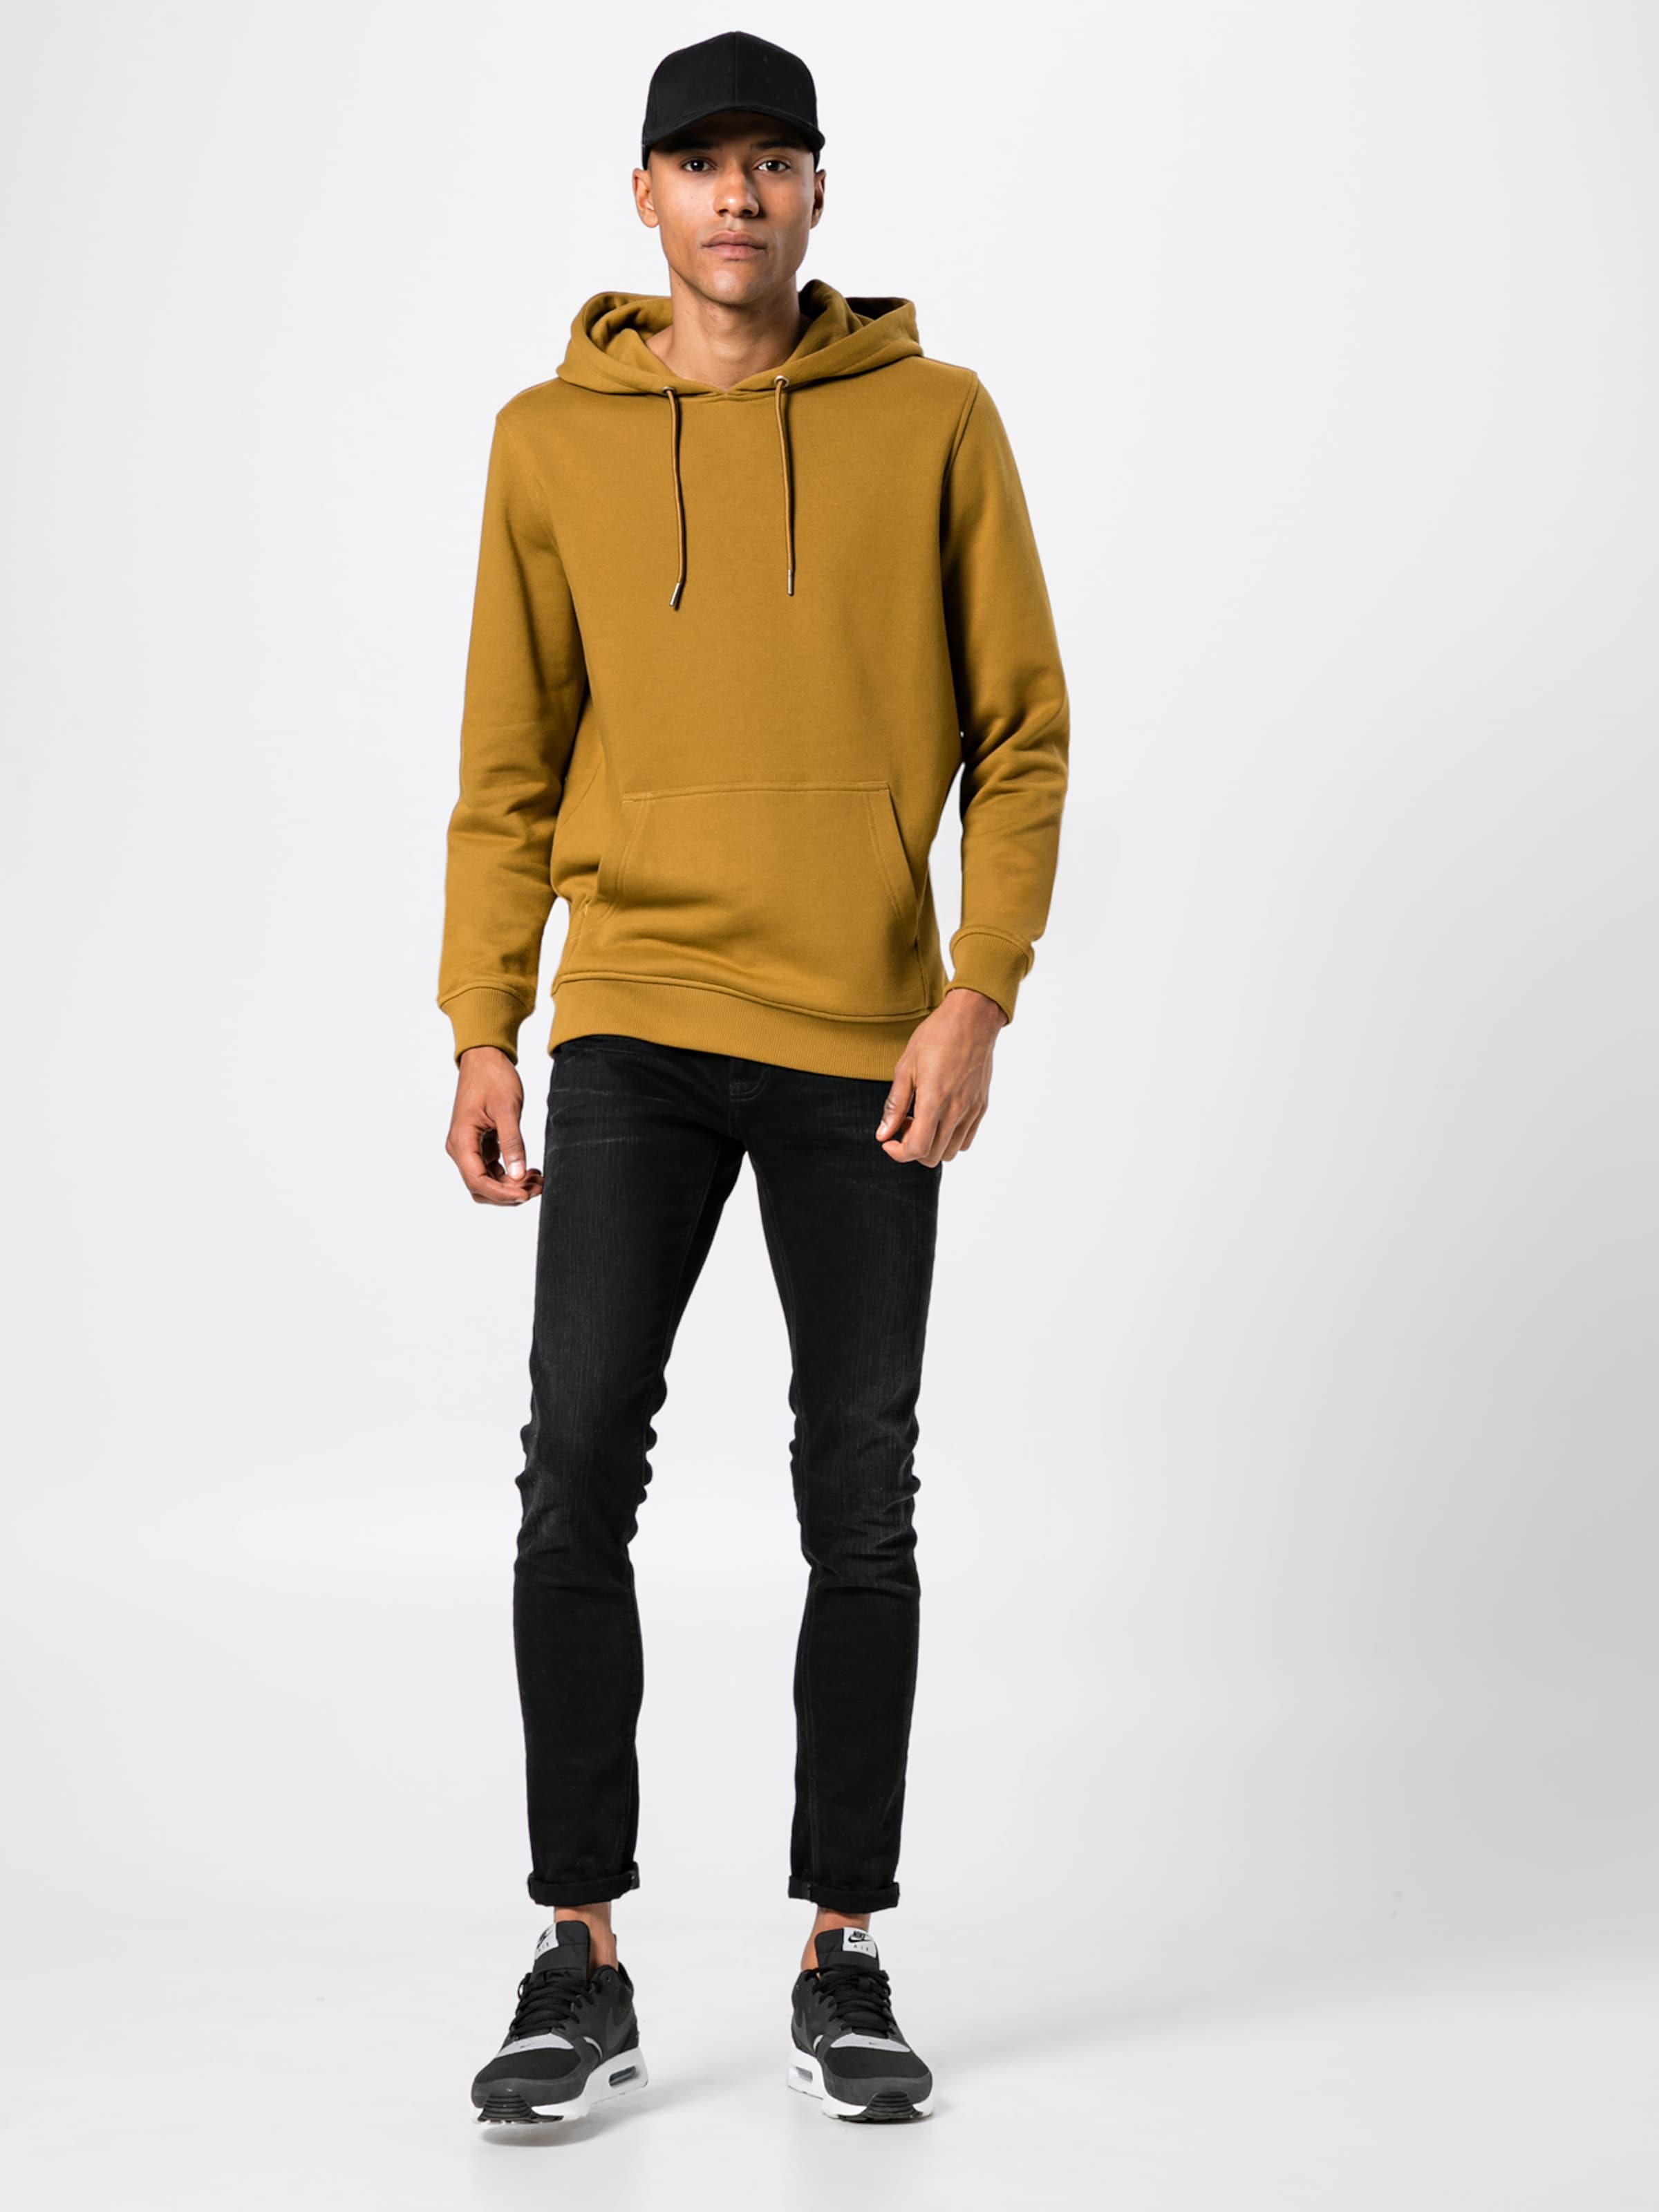 Urban In Urban Senf Sweatshirt In Senf Sweatshirt Classics Urban Classics y7Ivb6gYfm